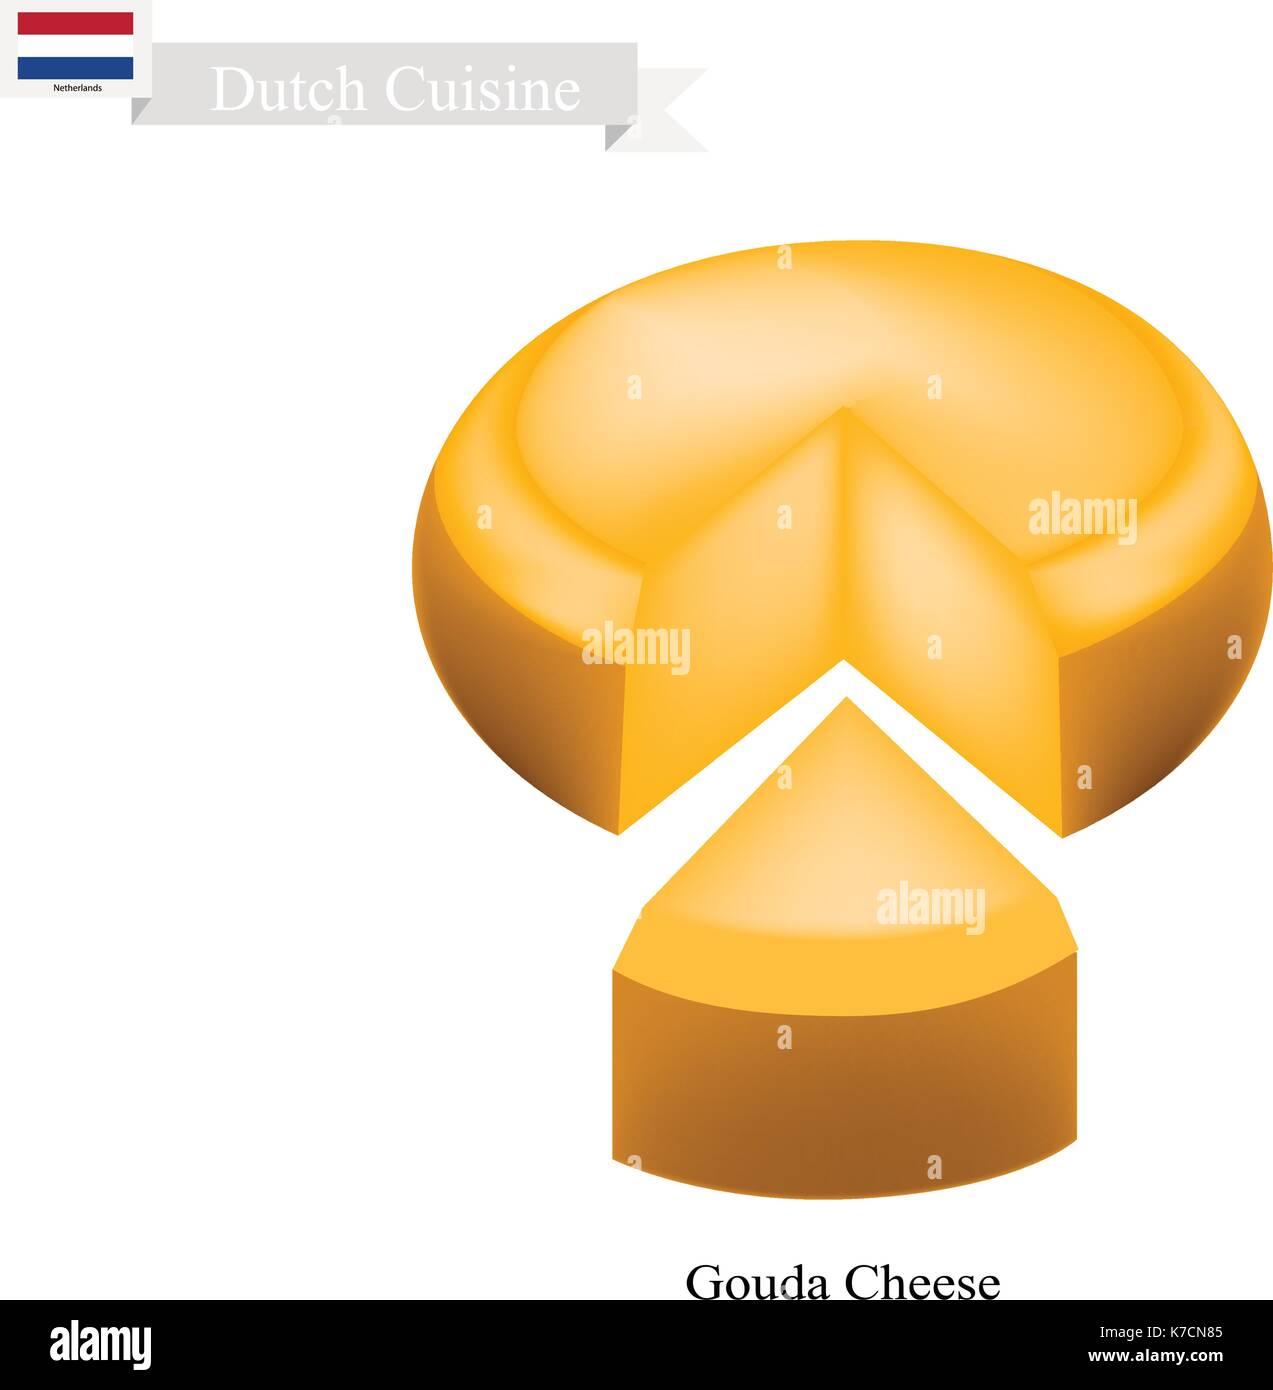 Niederländische Küche, Gouda Käse Oder Traditionelle Käse Aus Milch, Fett,  Protein, Riboflavin